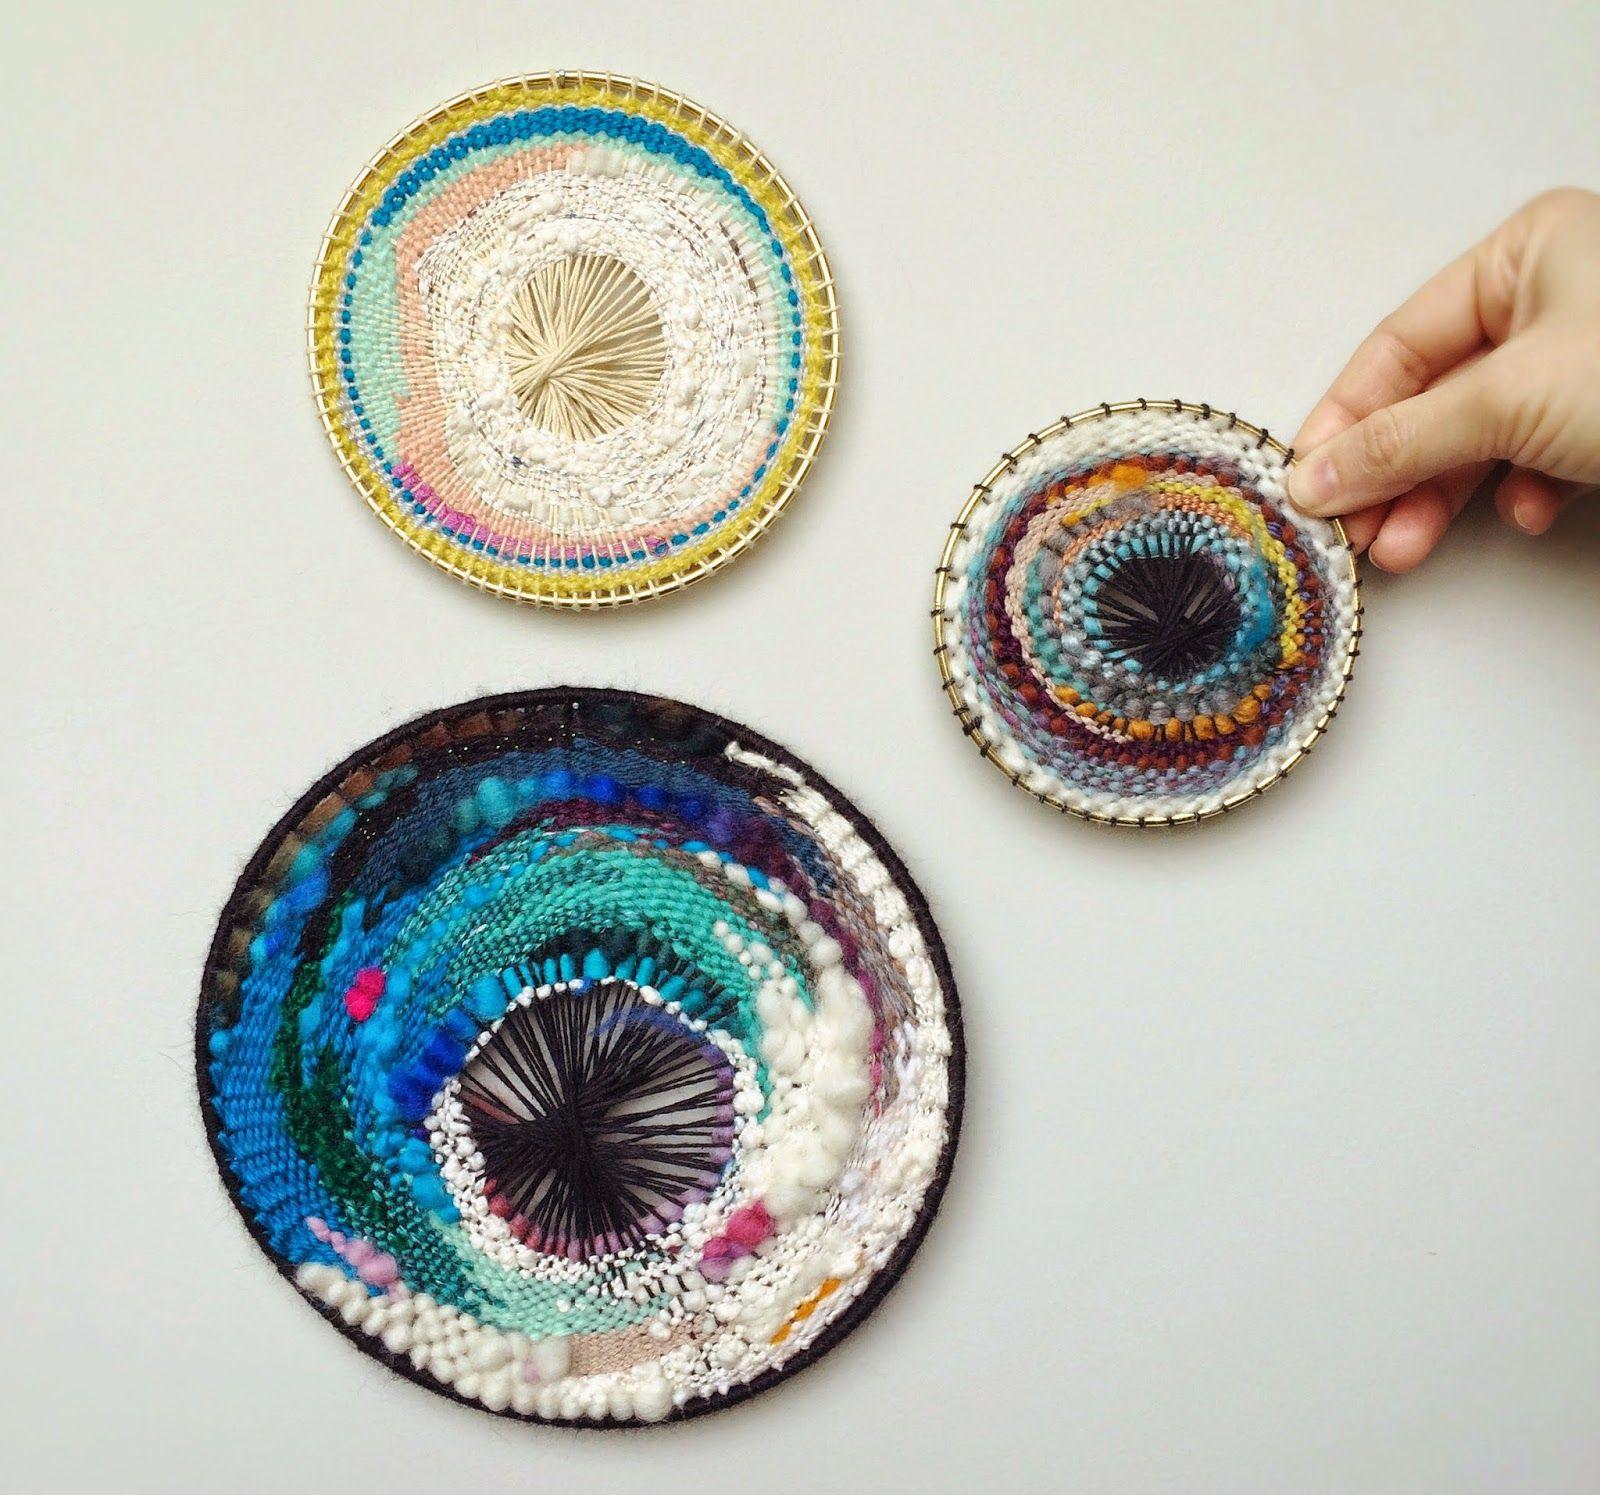 technique de tissage cercles tapis tissage pinterest. Black Bedroom Furniture Sets. Home Design Ideas